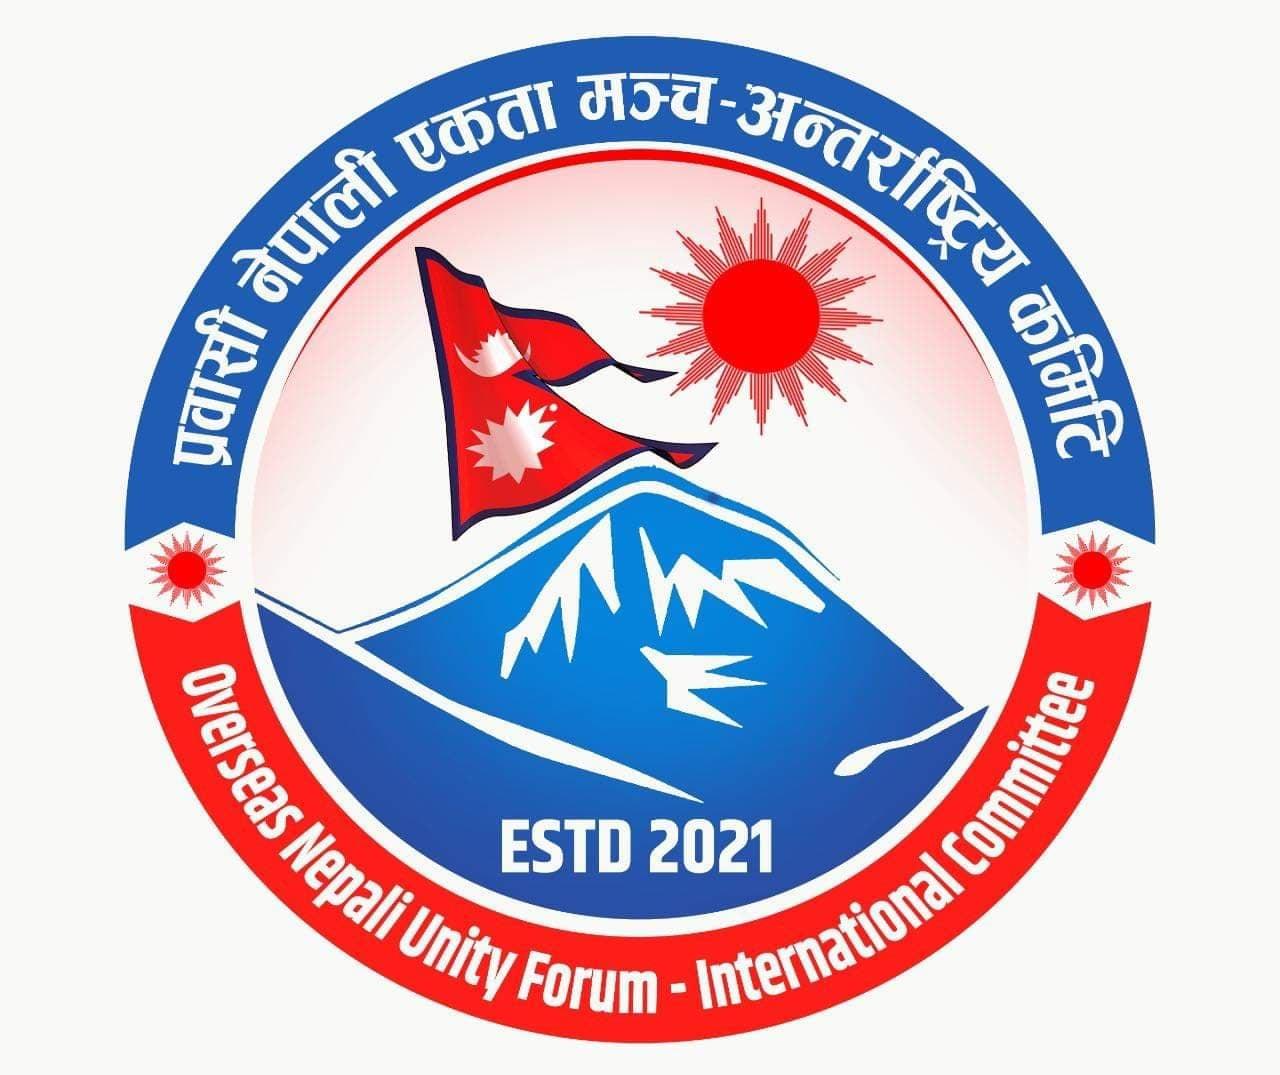 प्रवासी नेपाली एकता मञ्च युरोपले ५० लाखको 'कोभिड च्यालेञ्ज फन्ड' बनाउने